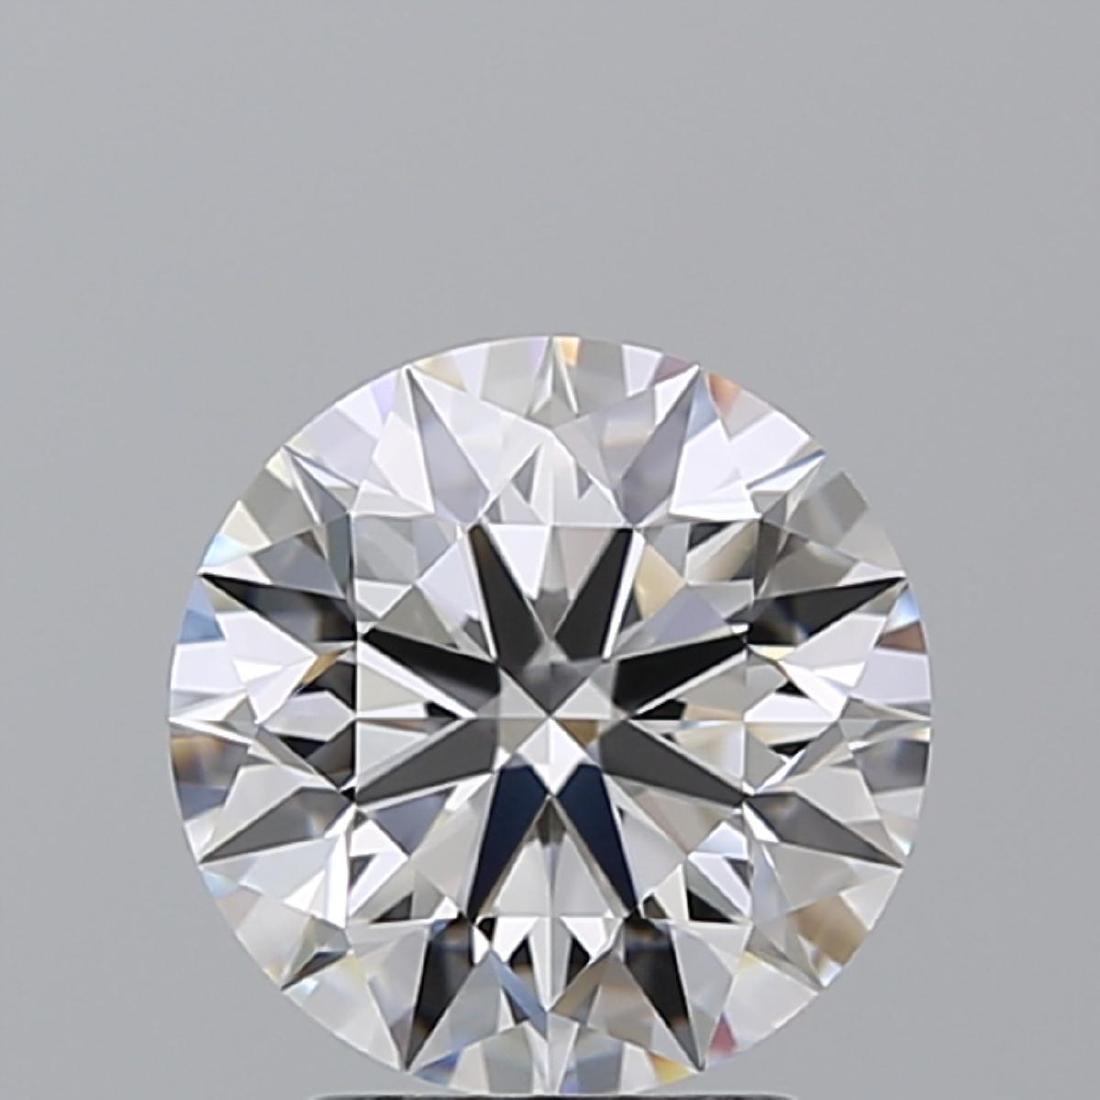 2.29 ct, Color E/IF, Round cut Diamond - 2